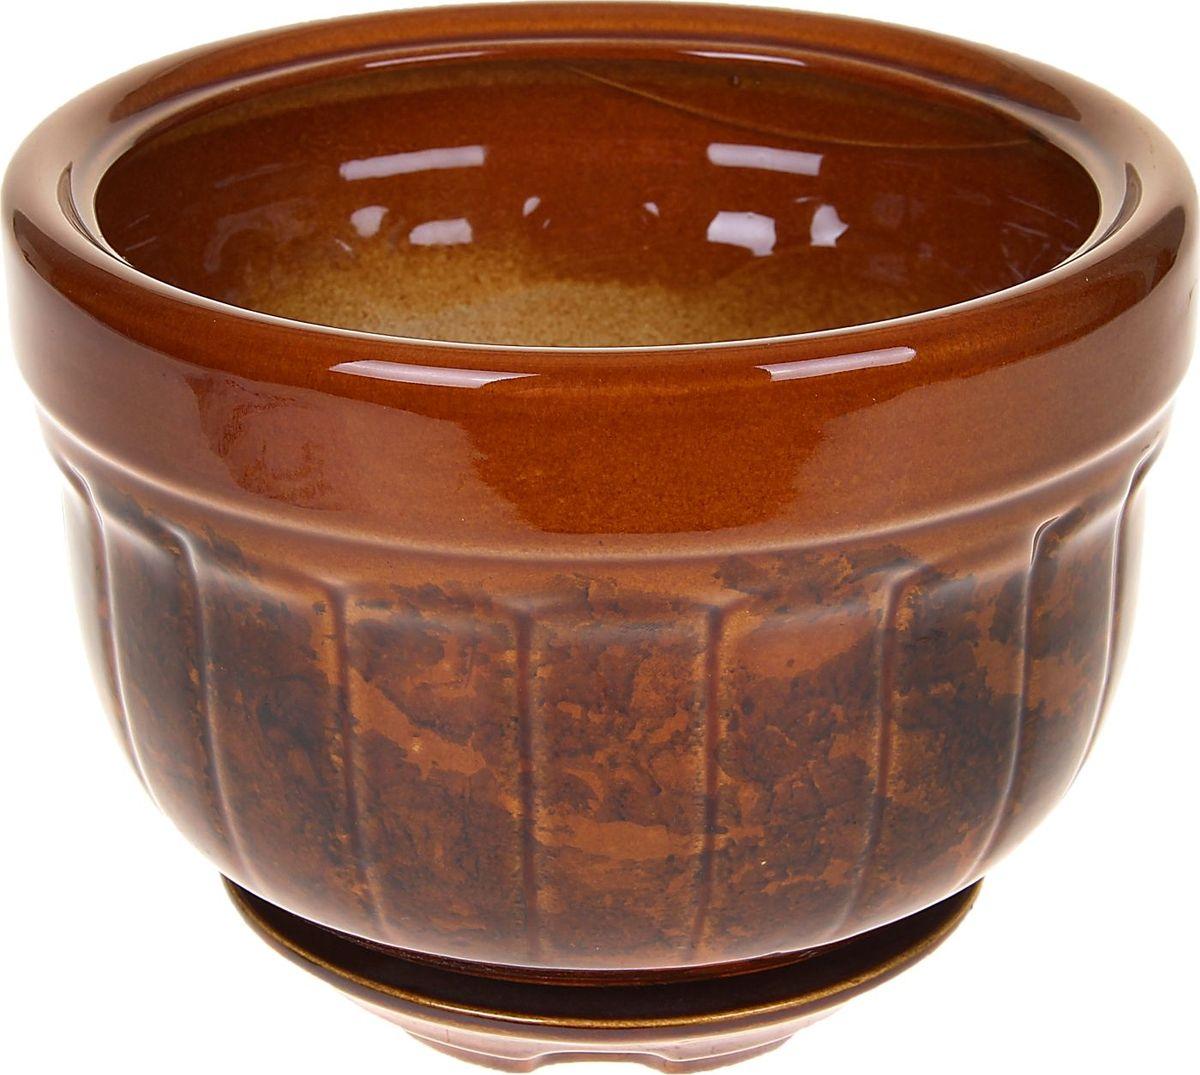 Кашпо Браво, цвет: коричневый, 2,2 л840794Комнатные растения — всеобщие любимцы. Они радуют глаз, насыщают помещение кислородом и украшают пространство. Каждому из них необходим свой удобный и красивый дом. Кашпо из керамики прекрасно подходят для высадки растений: за счёт пластичности глины и разных способов обработки существует великое множество форм и дизайновпористый материал позволяет испаряться лишней влагевоздух, необходимый для дыхания корней, проникает сквозь керамические стенки! #name# позаботится о зелёном питомце, освежит интерьер и подчеркнёт его стиль.